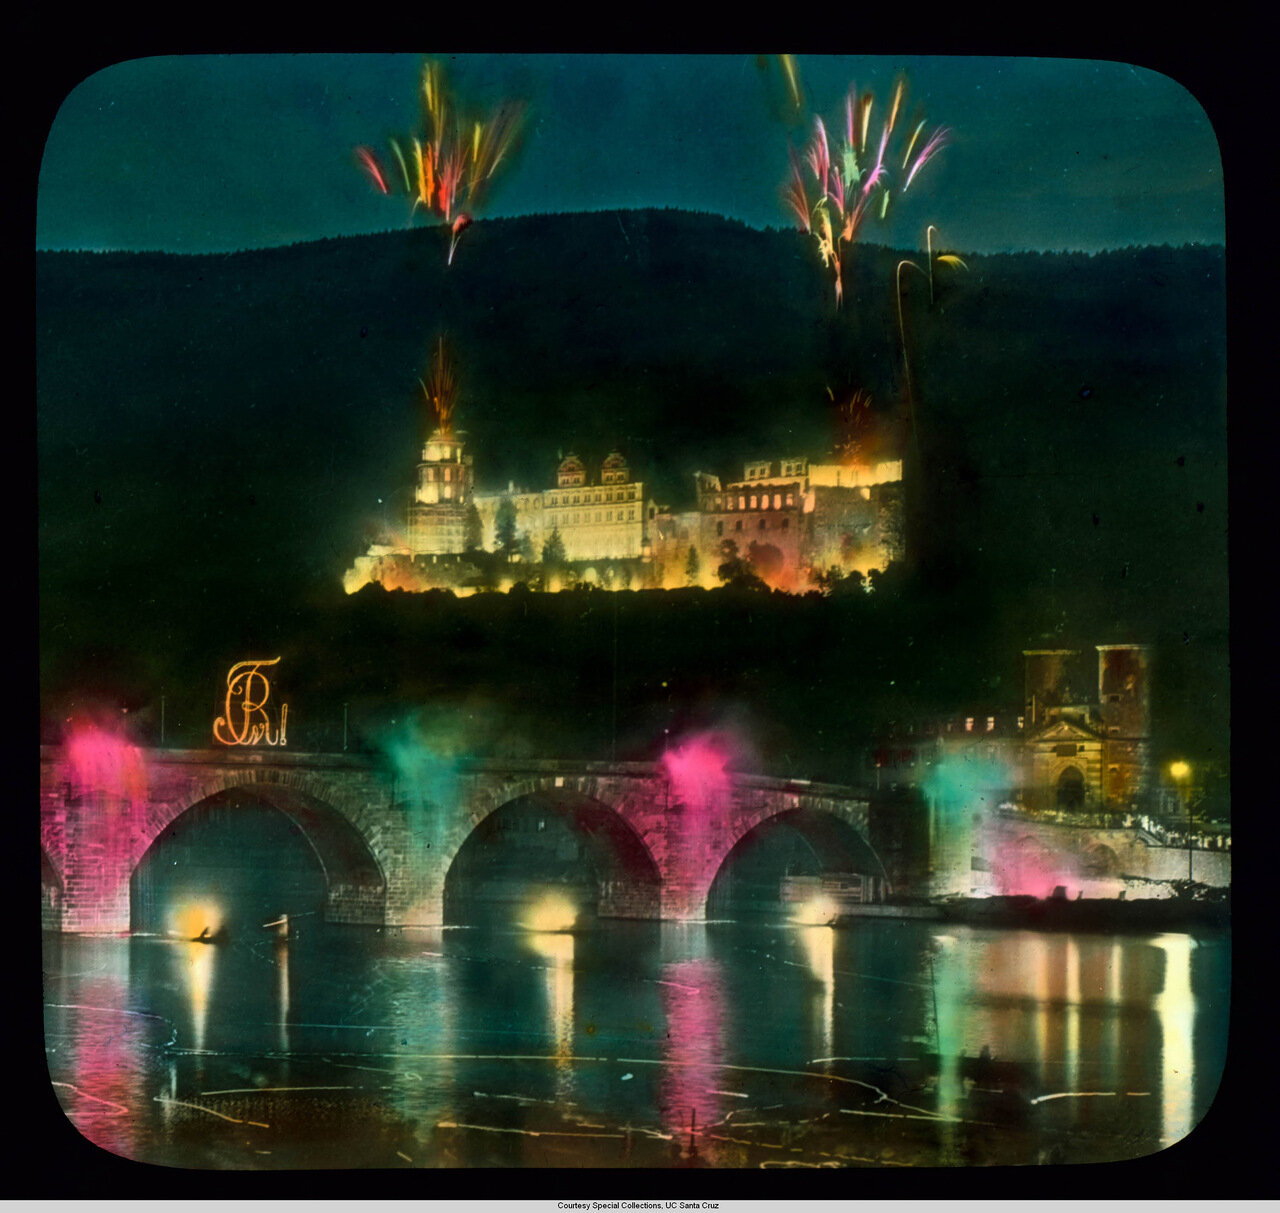 Гейдельберг. Фейерверки над городом, Замком и мостом Карла-Теодора